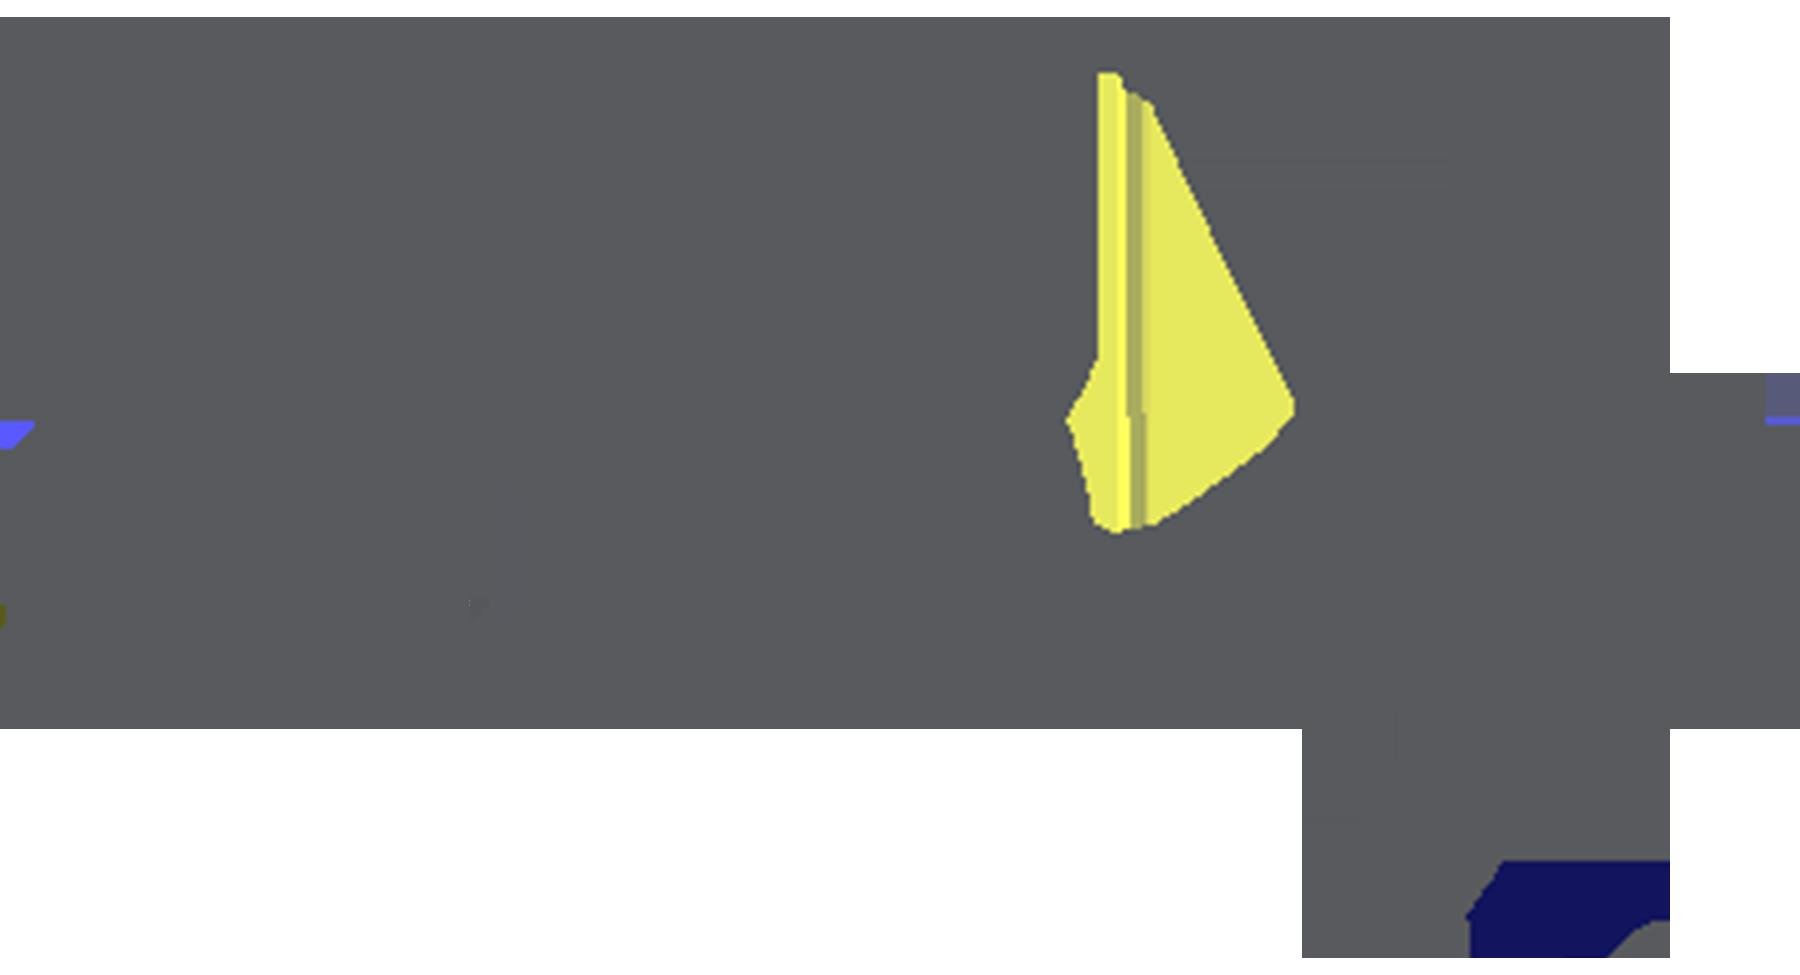 af-logo-variation.png